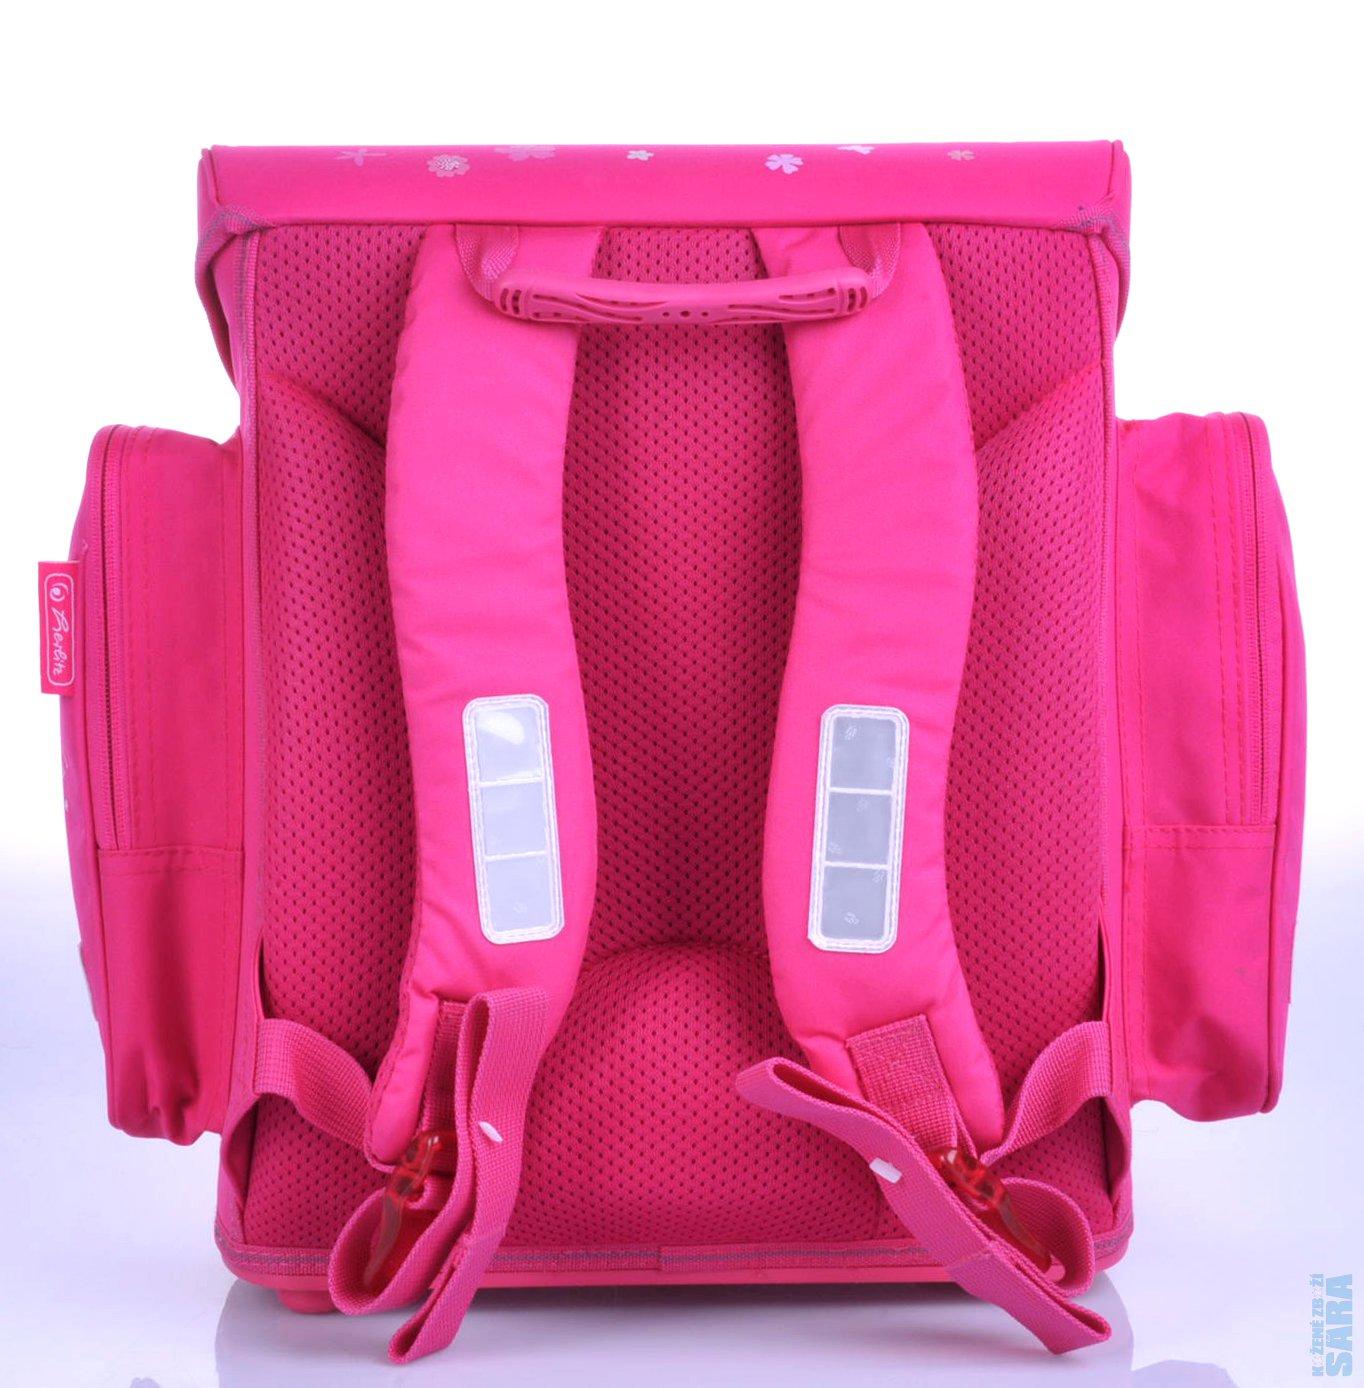 Velmi atraktivní a kvalitní batoh pro malé školačky (zvláště na 1. stupeň).  Tato dívčí aktovka a všechny její doplňky jsou precizně propracované. e870d04160